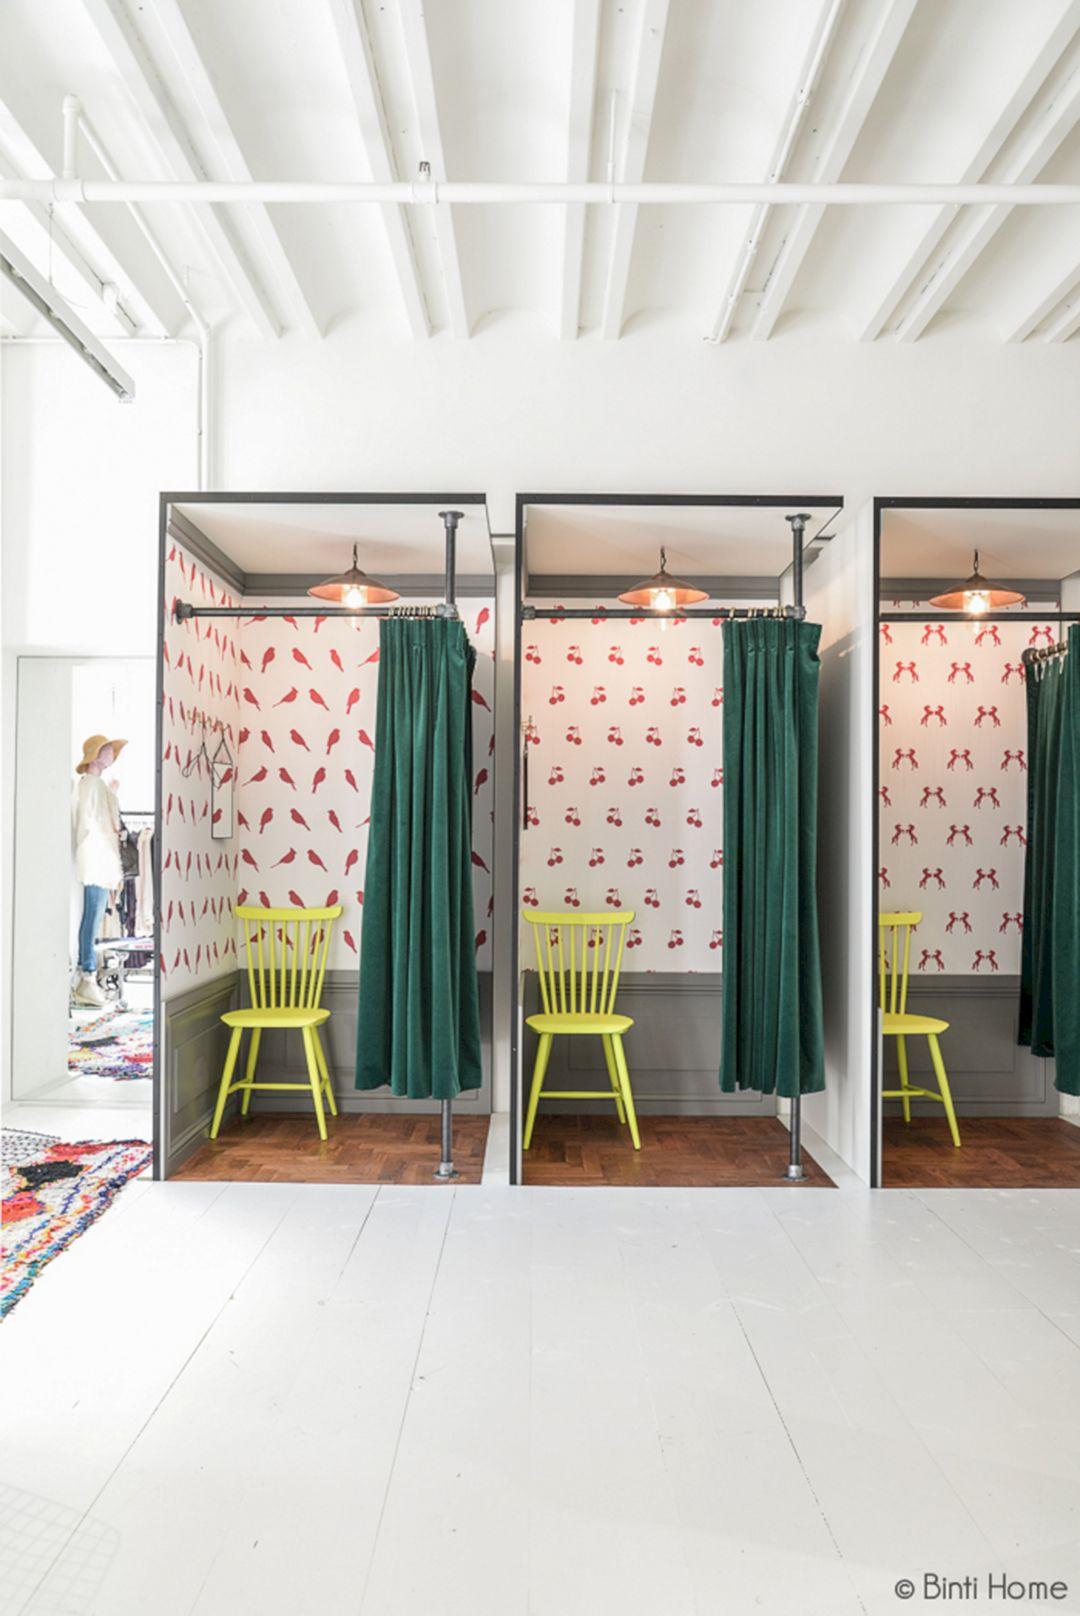 Interior design ideas for fashion boutique 86